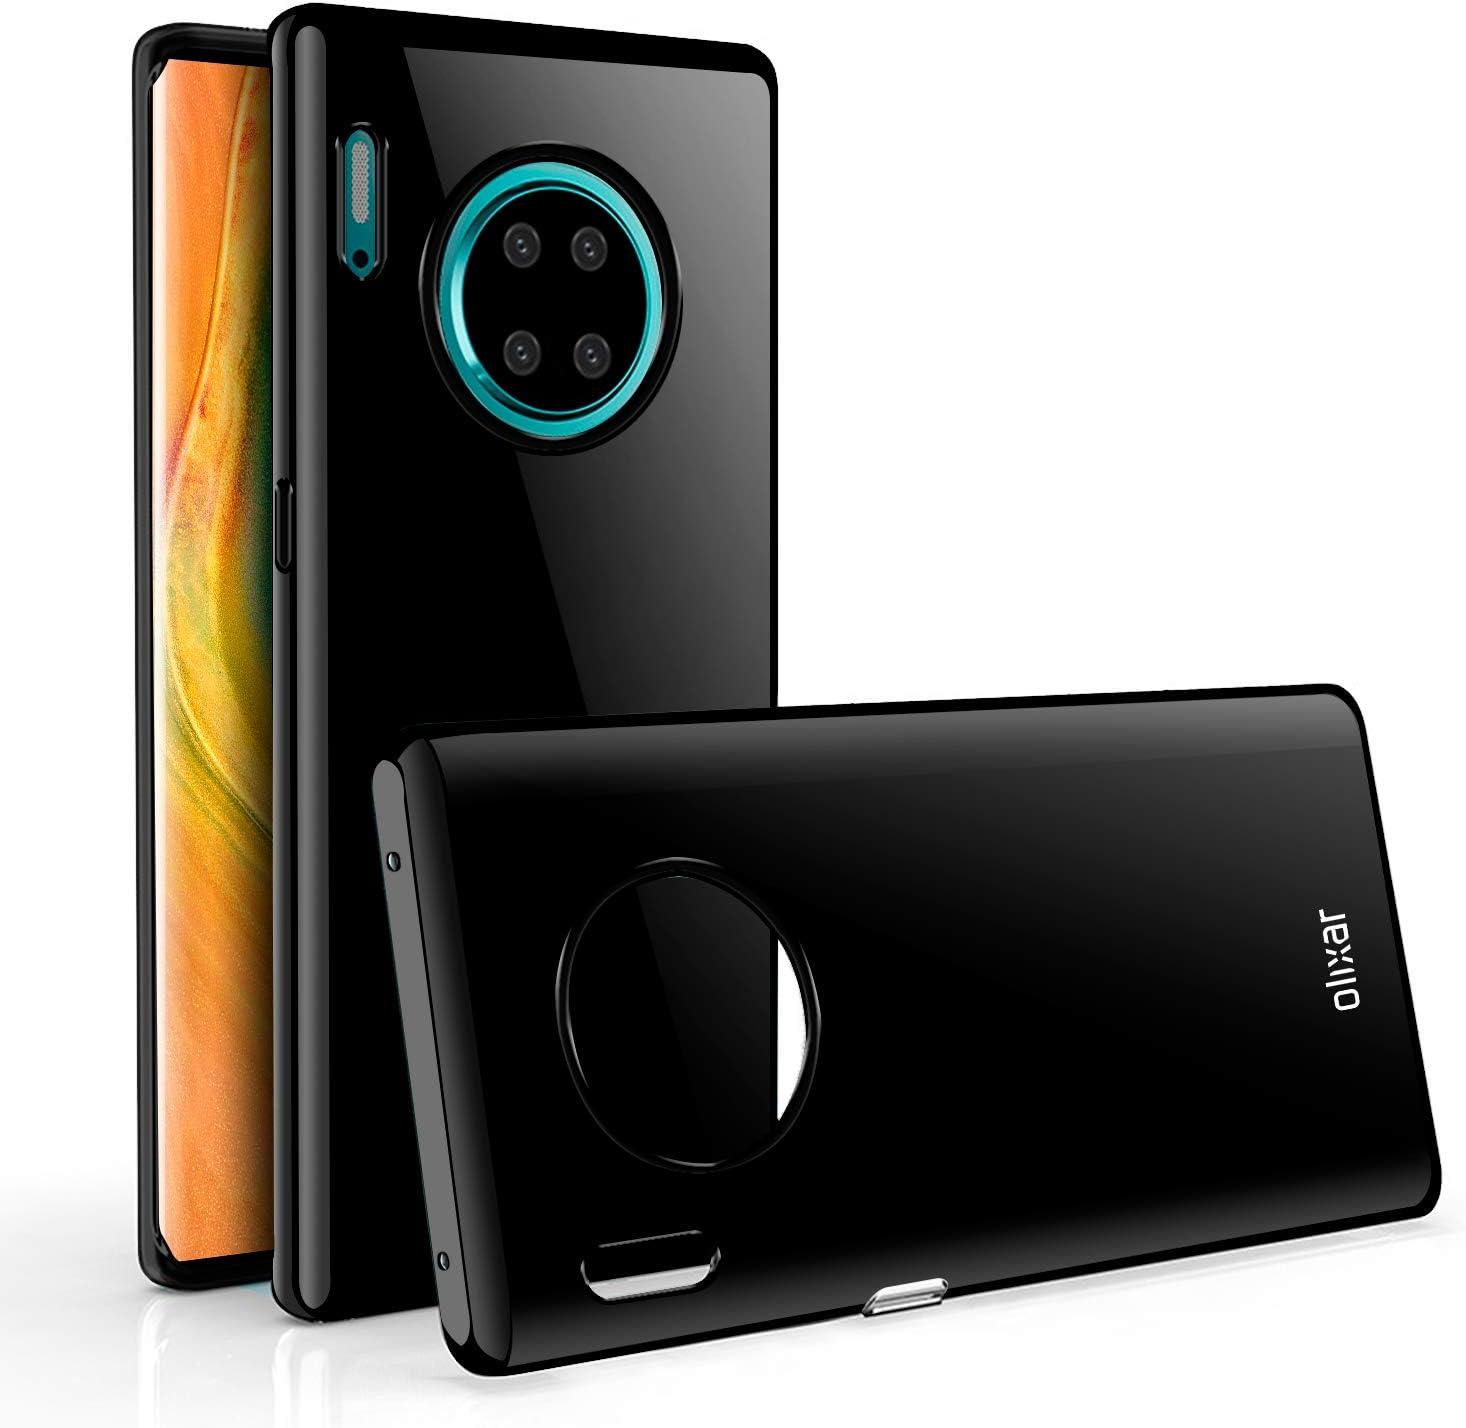 Olixar Funda para el Huawei Mate 30 Pro Gel: Amazon.es: Electrónica